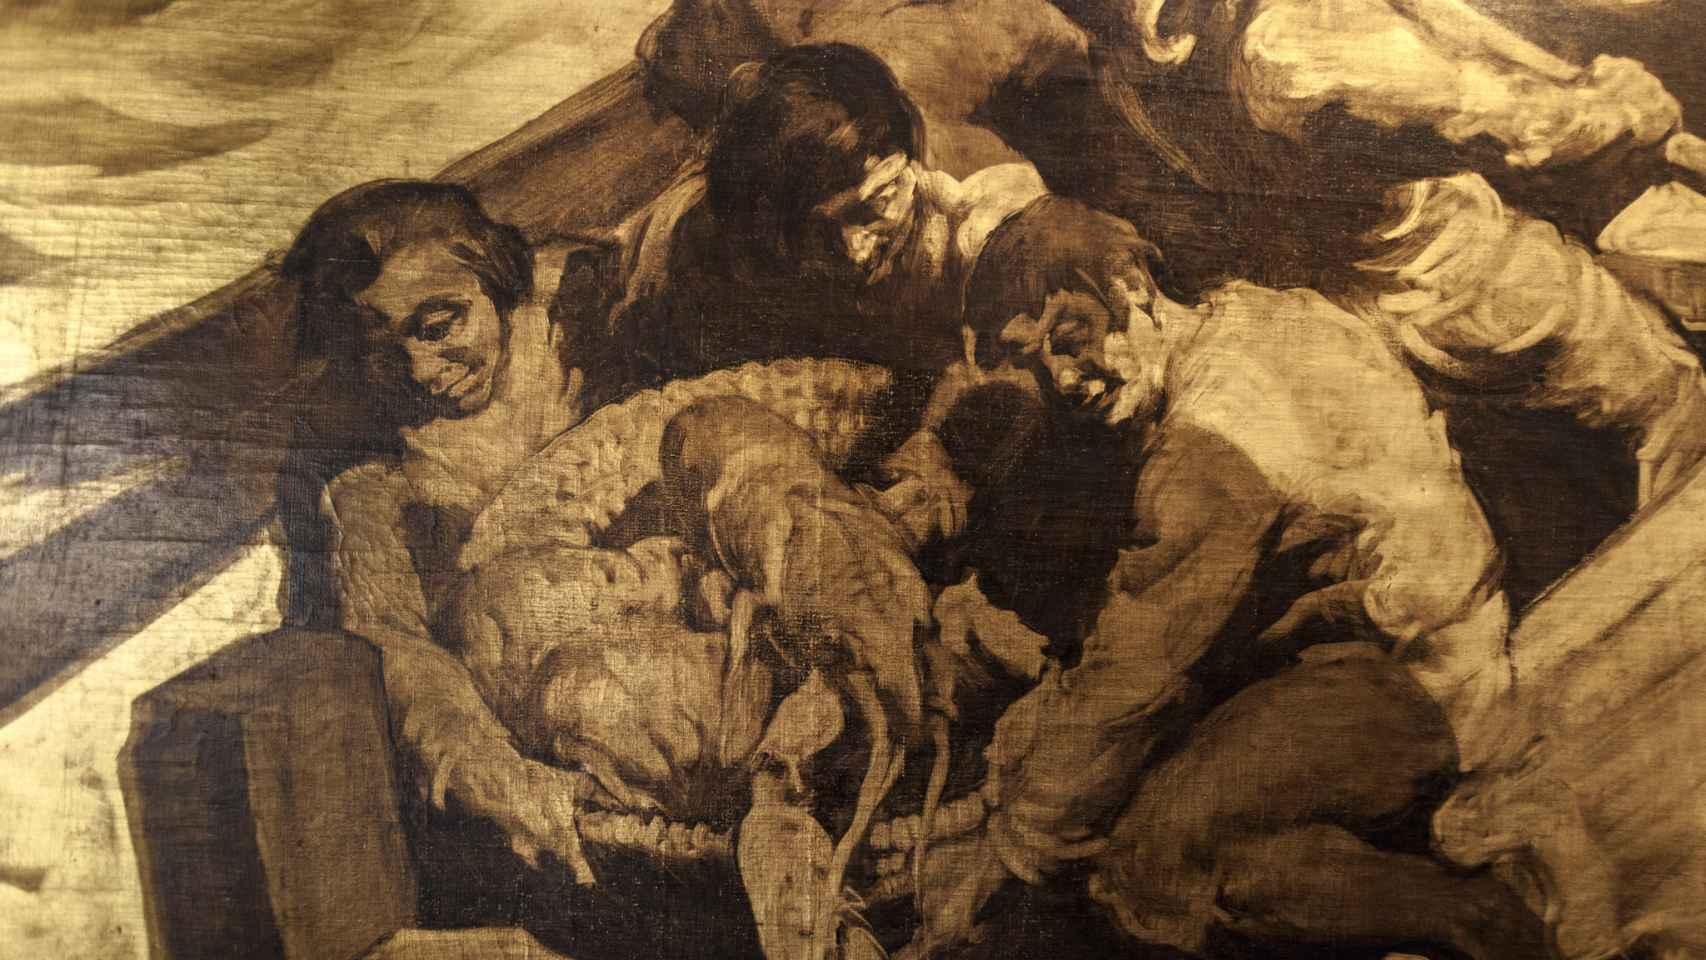 Detalle del cuadro de Sert, La república de los pescadores